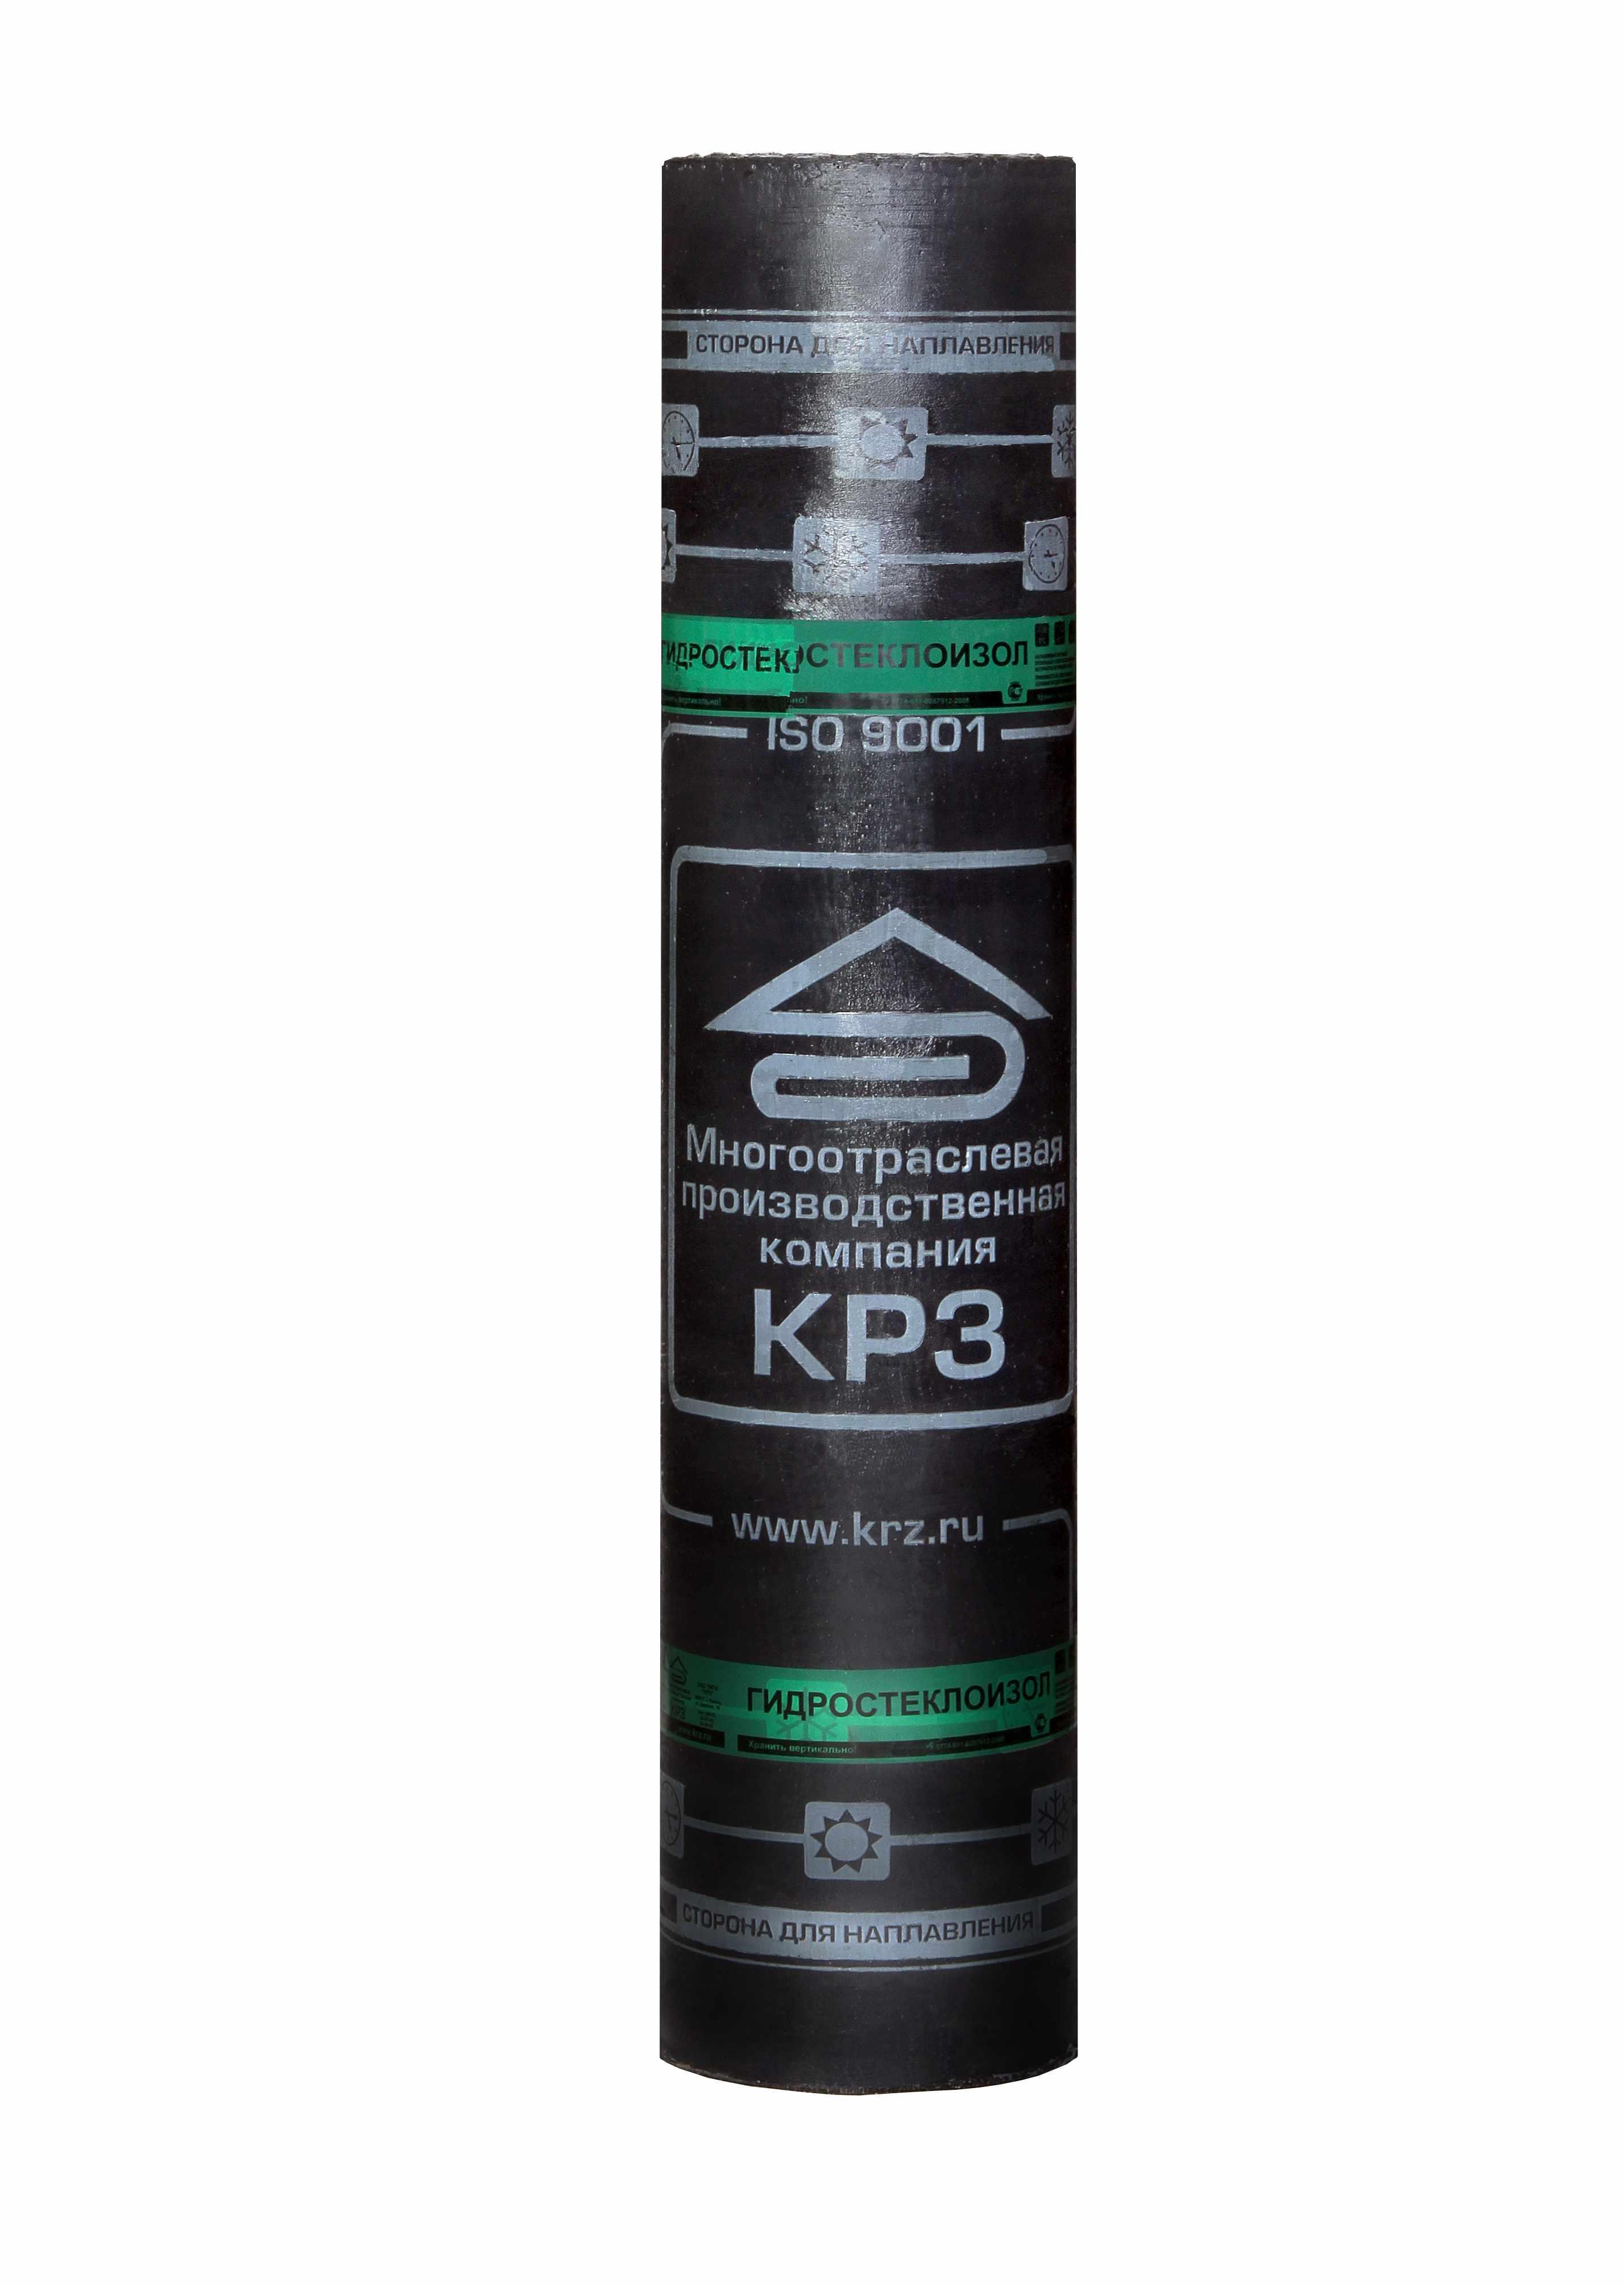 Гидростеклоизол ТПП-3.5, 10000х1000х3.5 мм